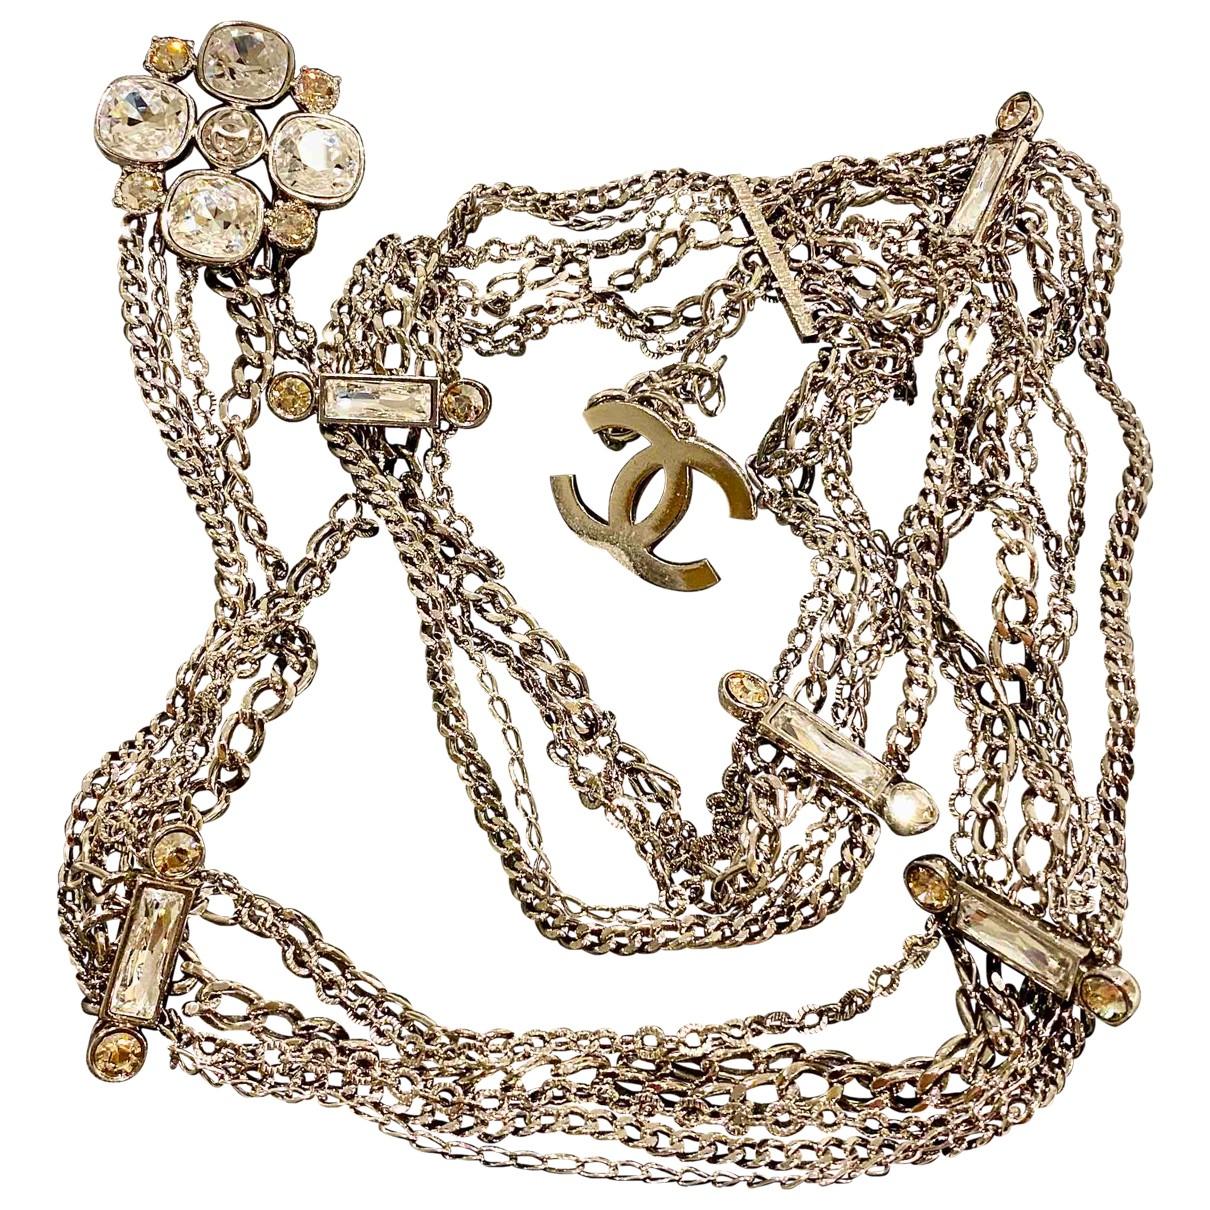 Chanel \N Silver Chain belt for Women M International